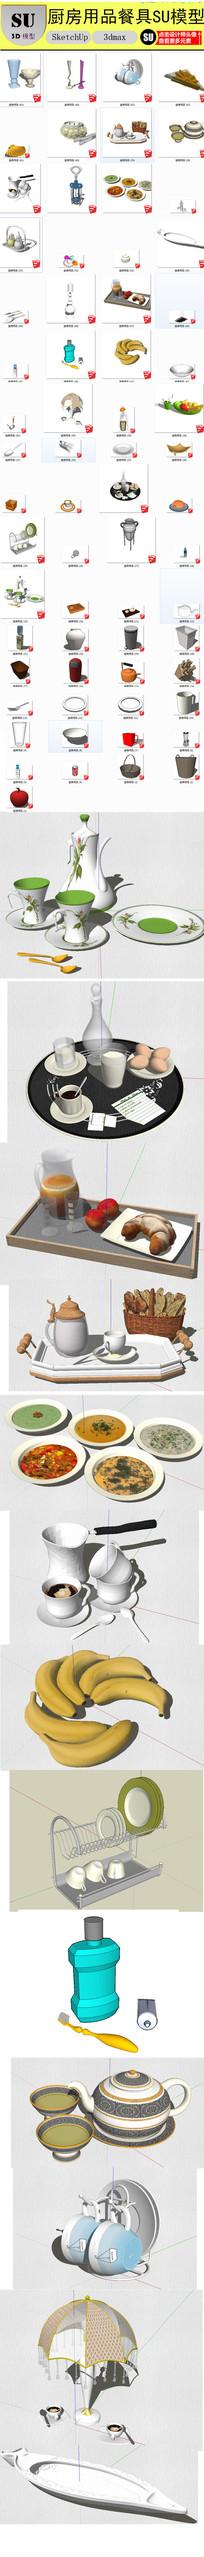 室内厨房场景橱柜餐具SU模型